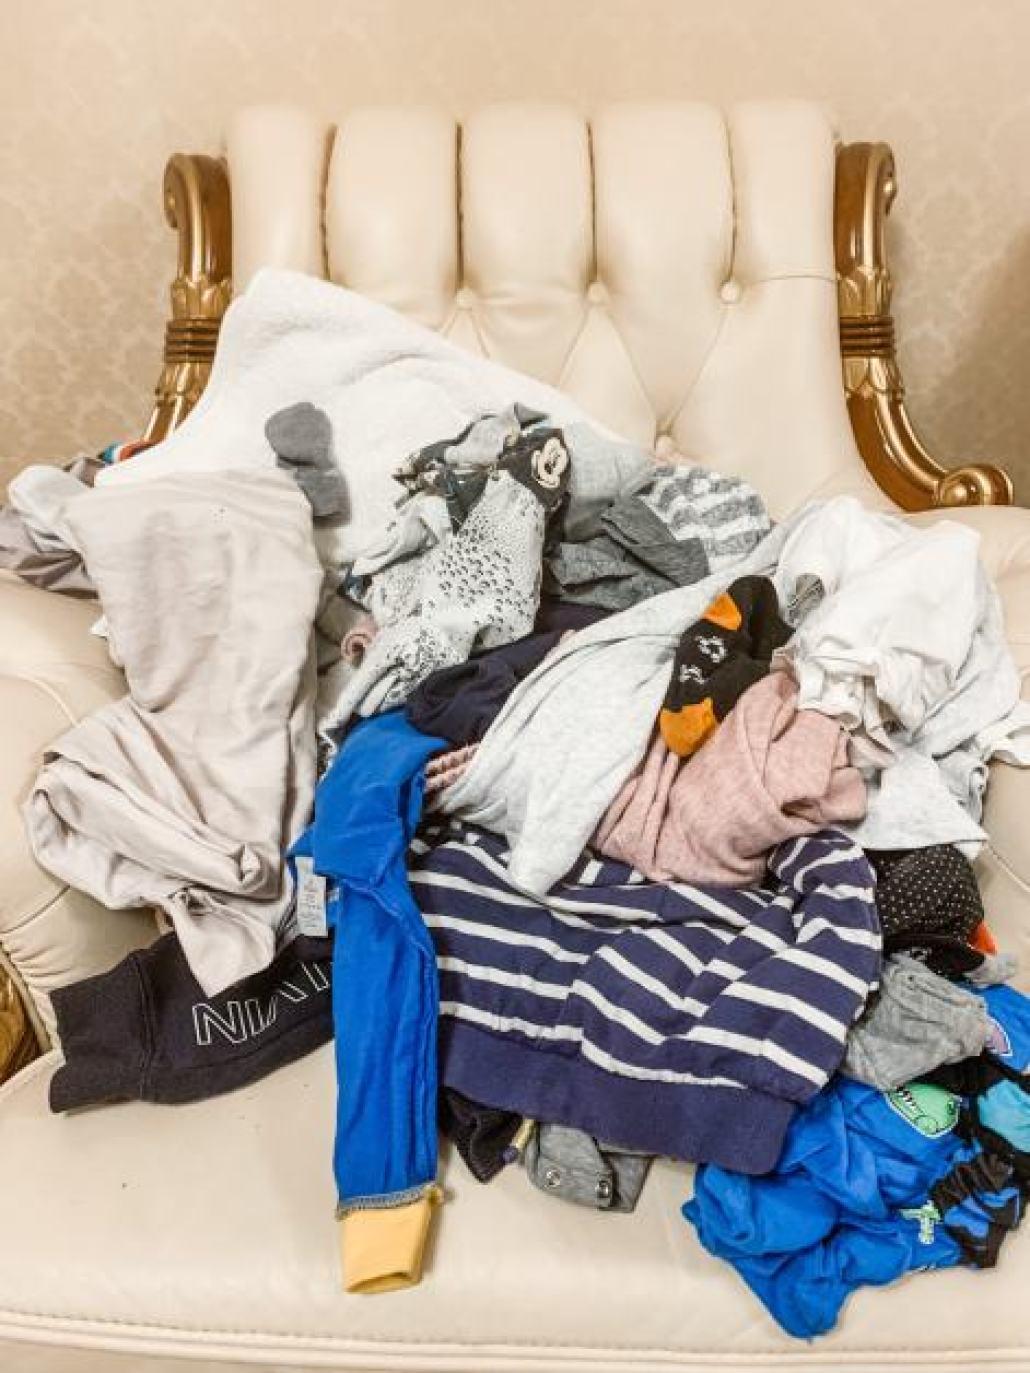 laundry to fold